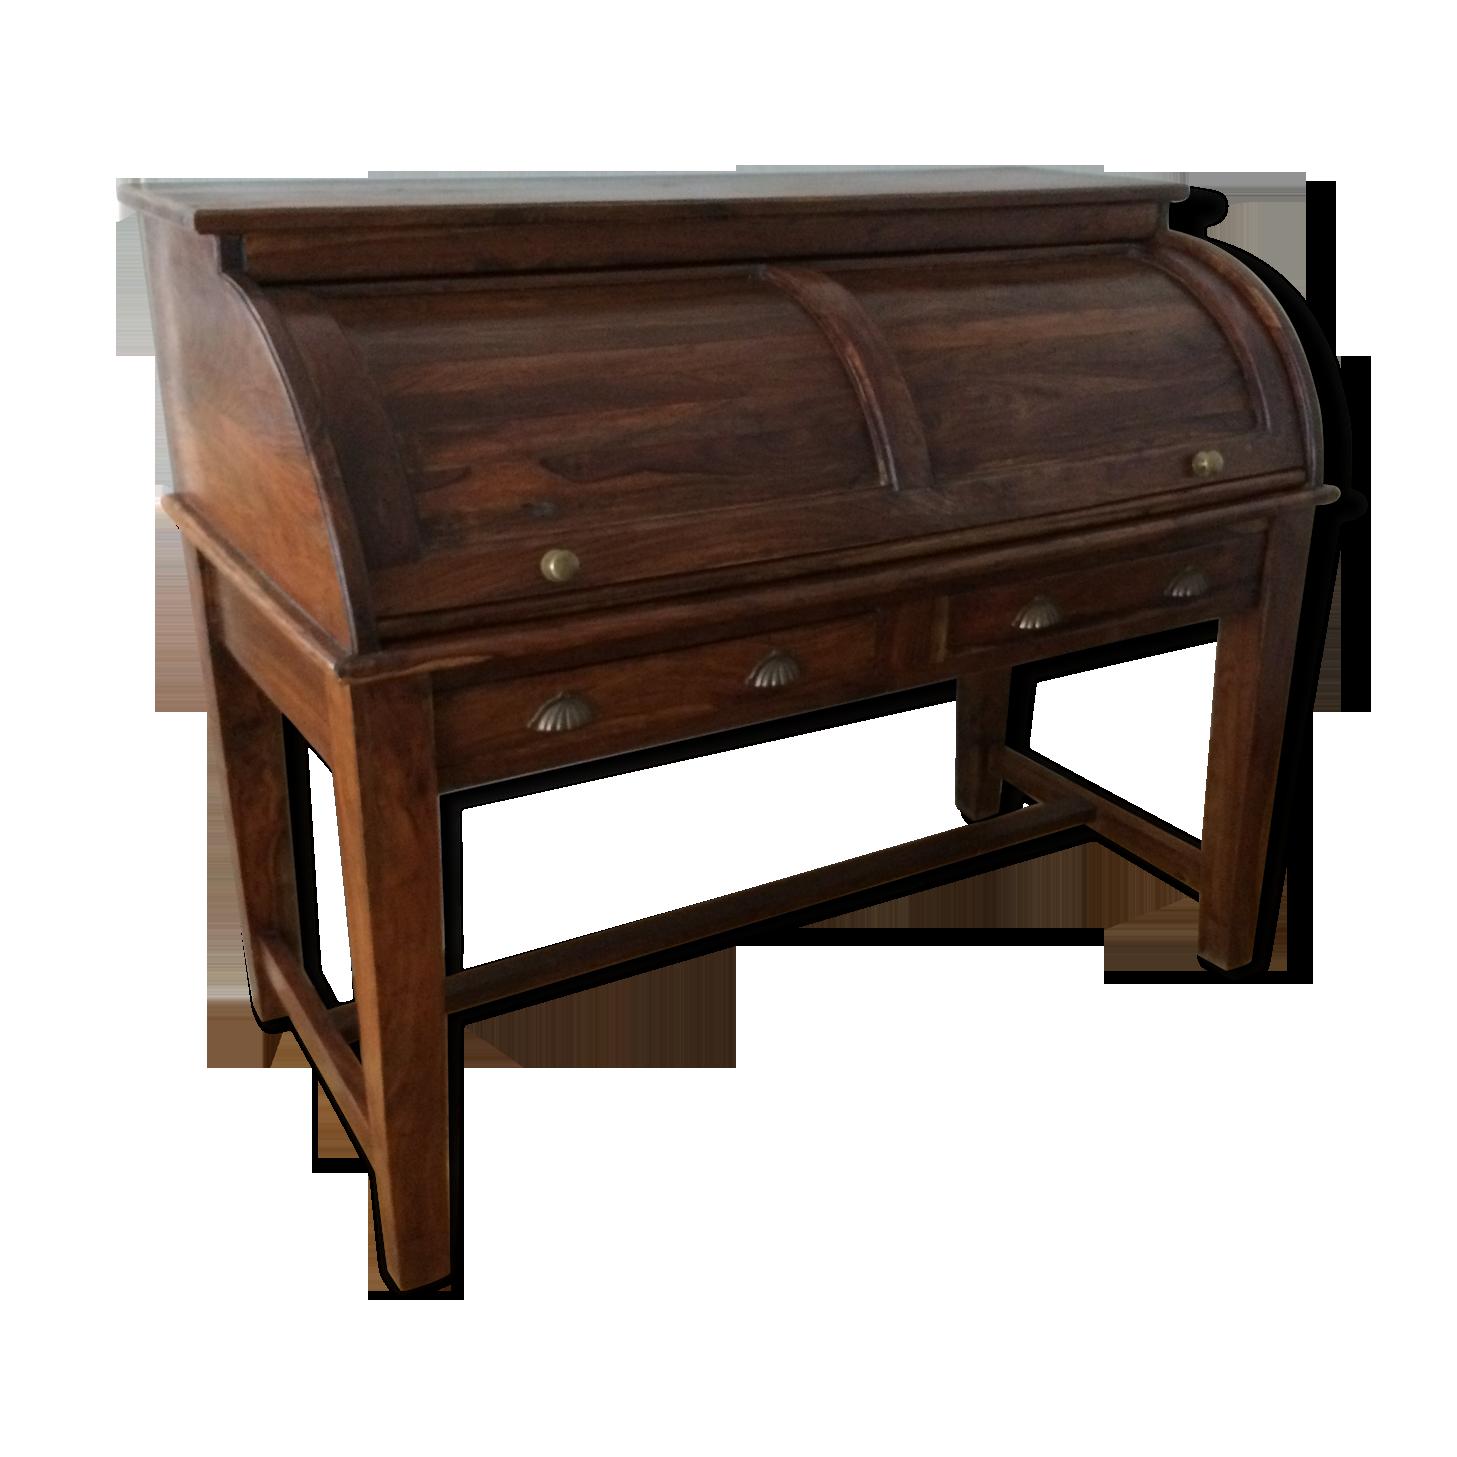 Secrétaire en bois exotique style colonial bois matériau